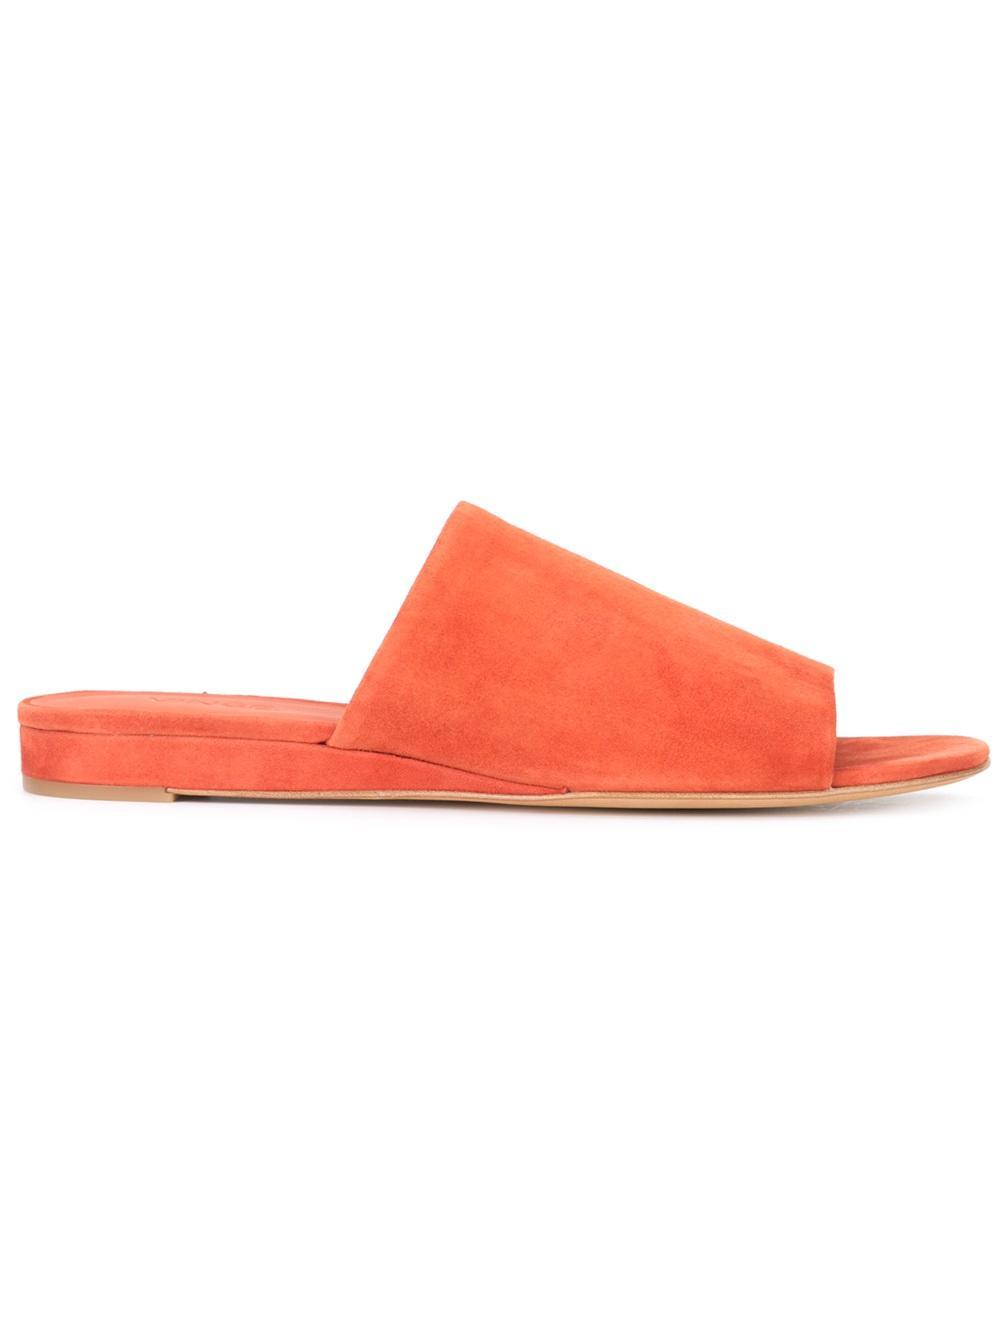 VINCE - Bartley sandals  $225